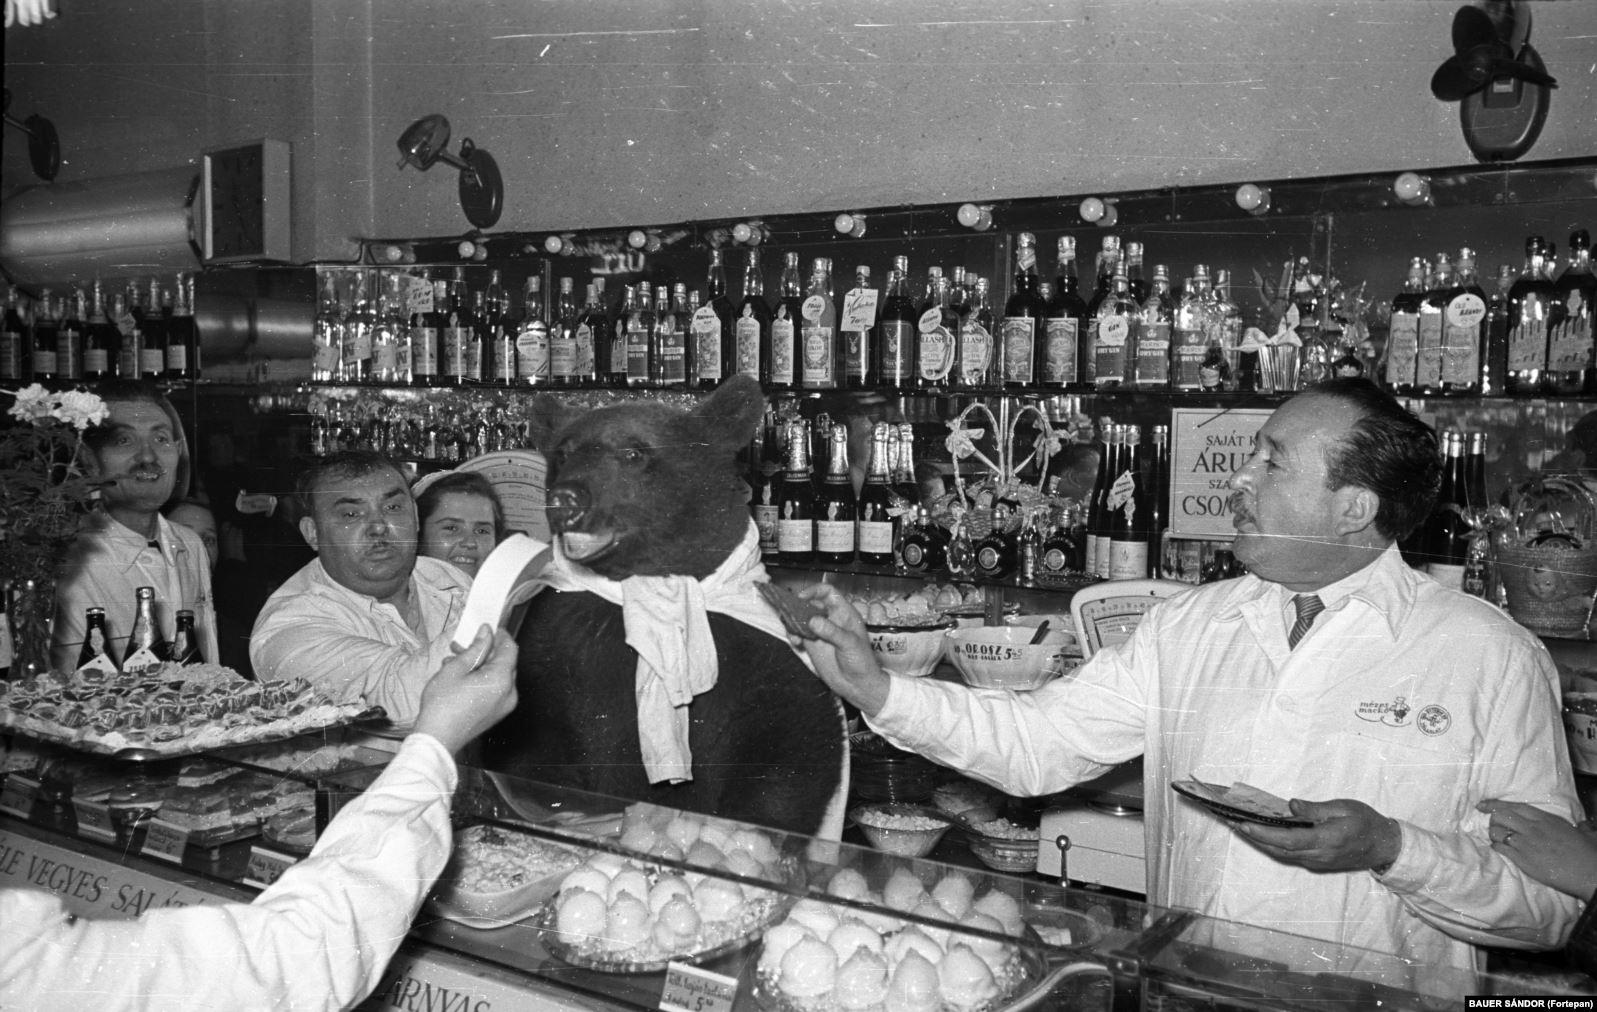 Медведь за стойкой популярного магазина деликатесов и кулинарии. 1960 год. Сообщалось, что медведя позаимствовали в местном зоопарке для празднования юбилея заведения и что он все в нем попробовал